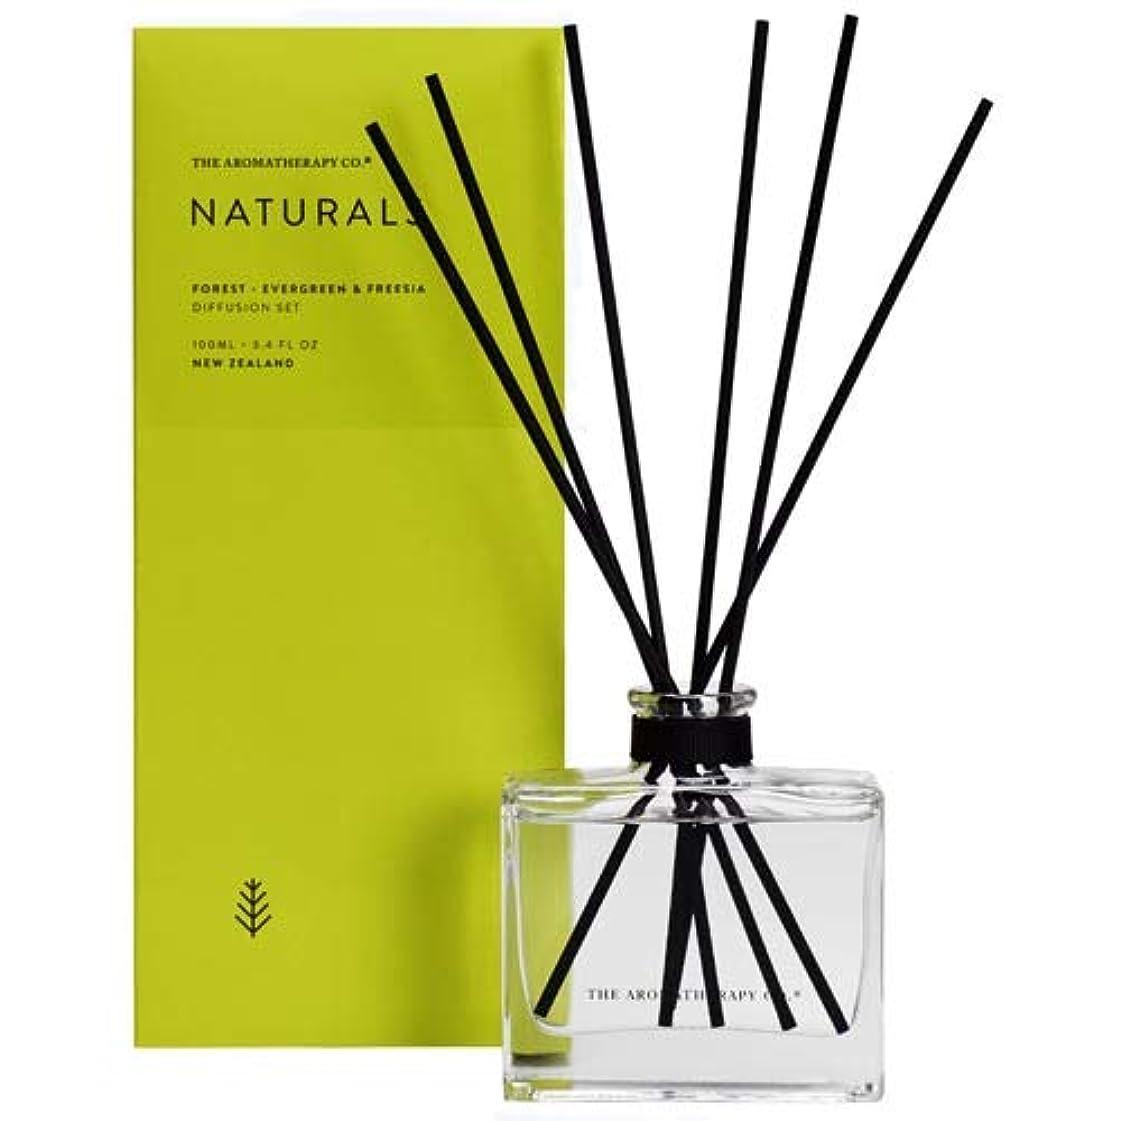 目立つ駅マインドフルアロマセラピーカンパニー(Aromatherapy Company) new NATURALS ナチュラルズ Diffusion Stick ディフュージョンスティック Forest フォレスト(森林) Evergreen & Freesia エバーグリーン&フリージア